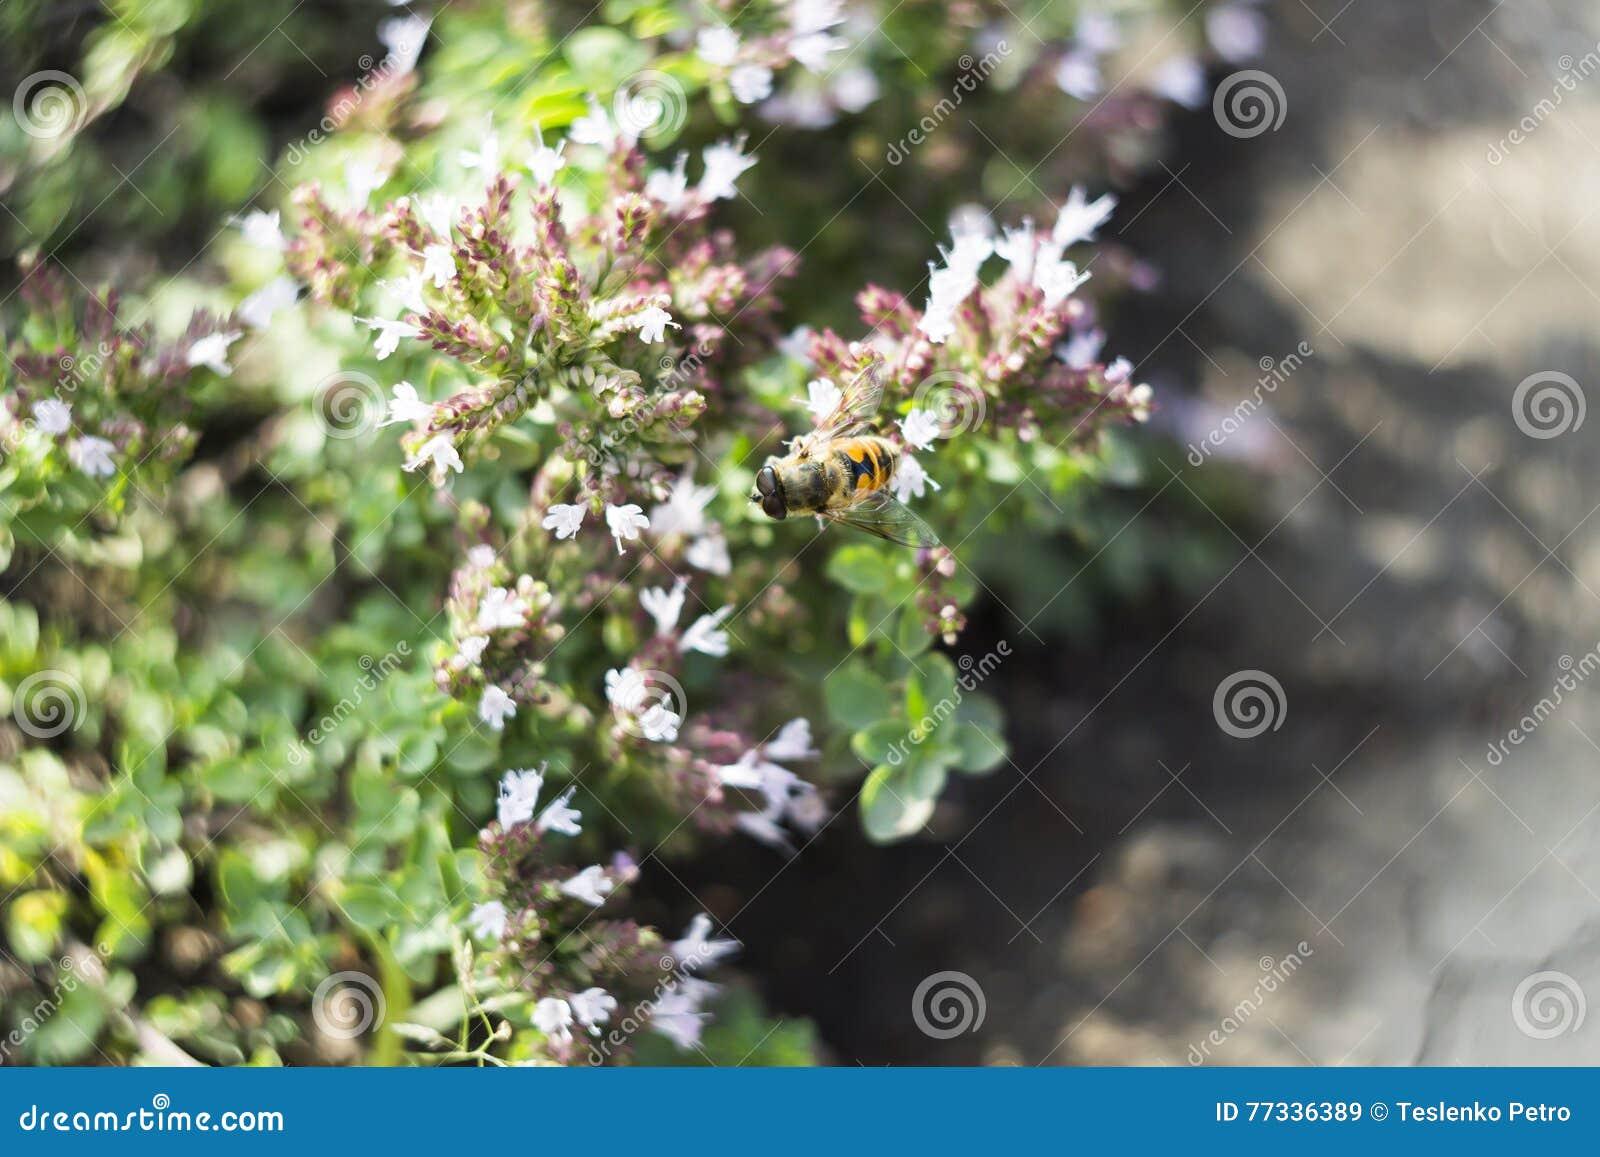 Mosca do zangão & x28; Tenax& x29 de Eristalis; na flor